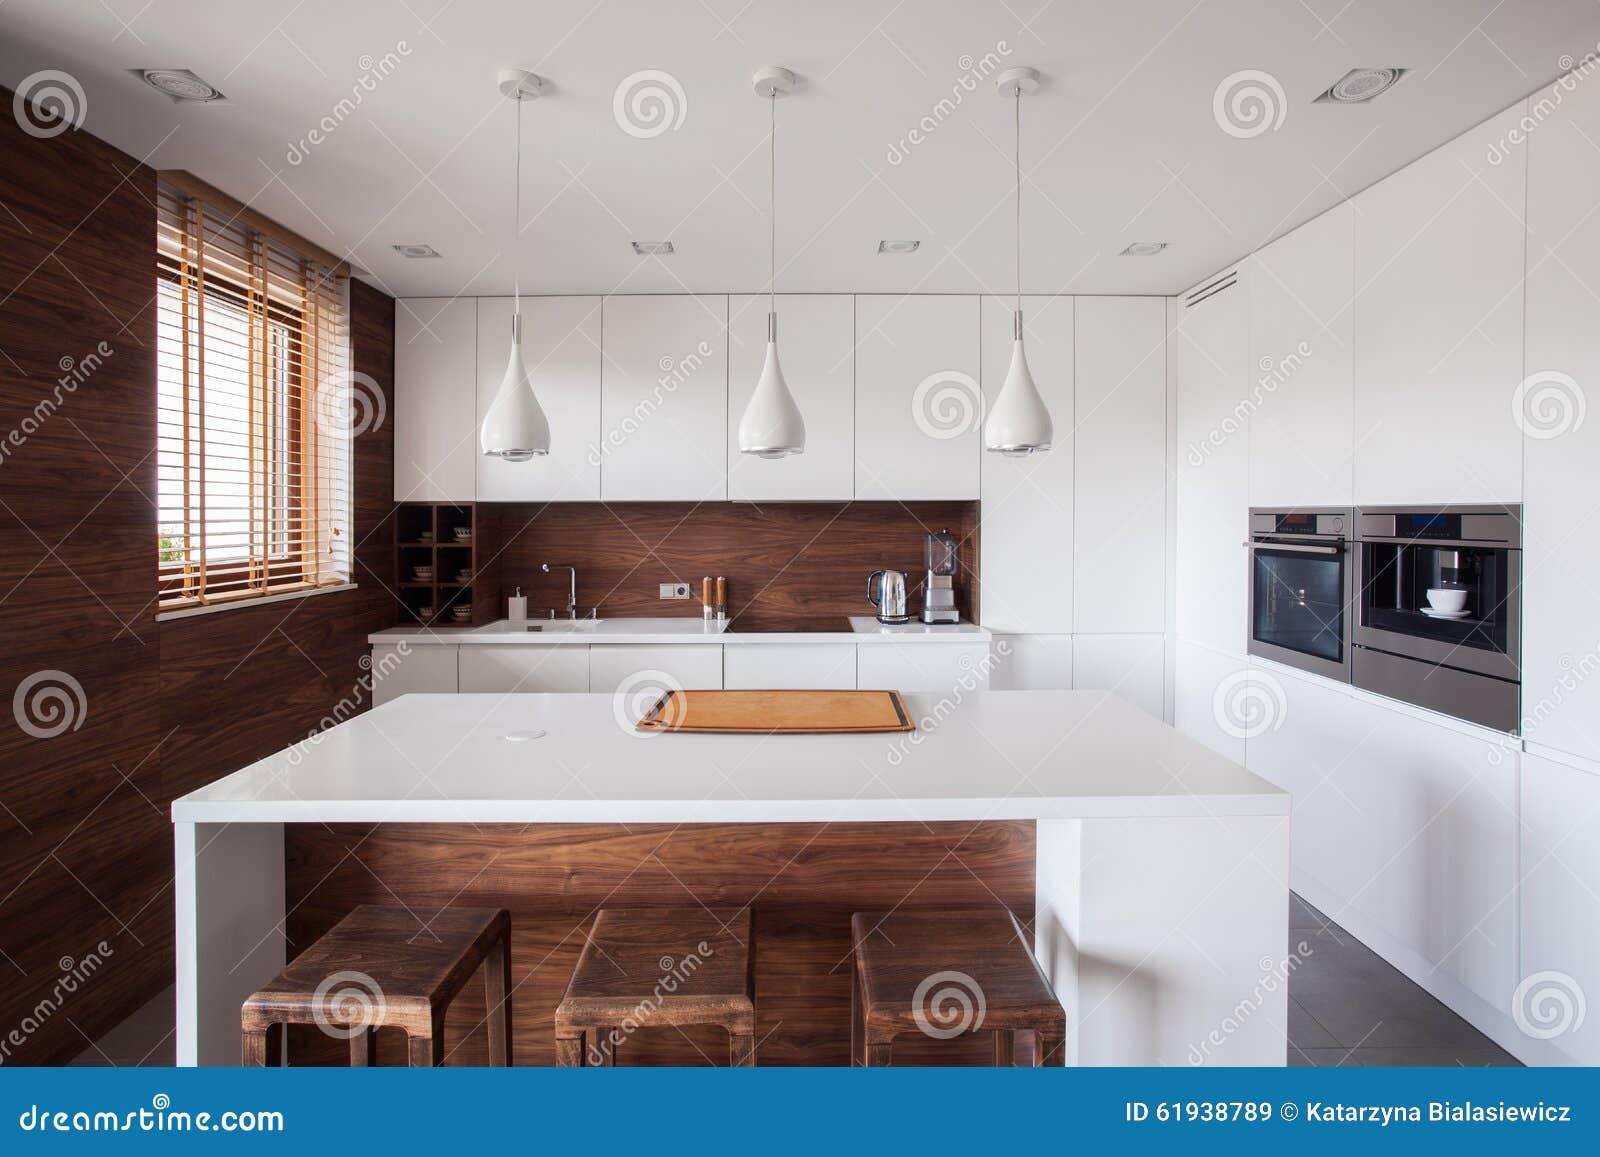 Ilha De Cozinha Branca Imagem De Stock Imagem De Forno 61938789